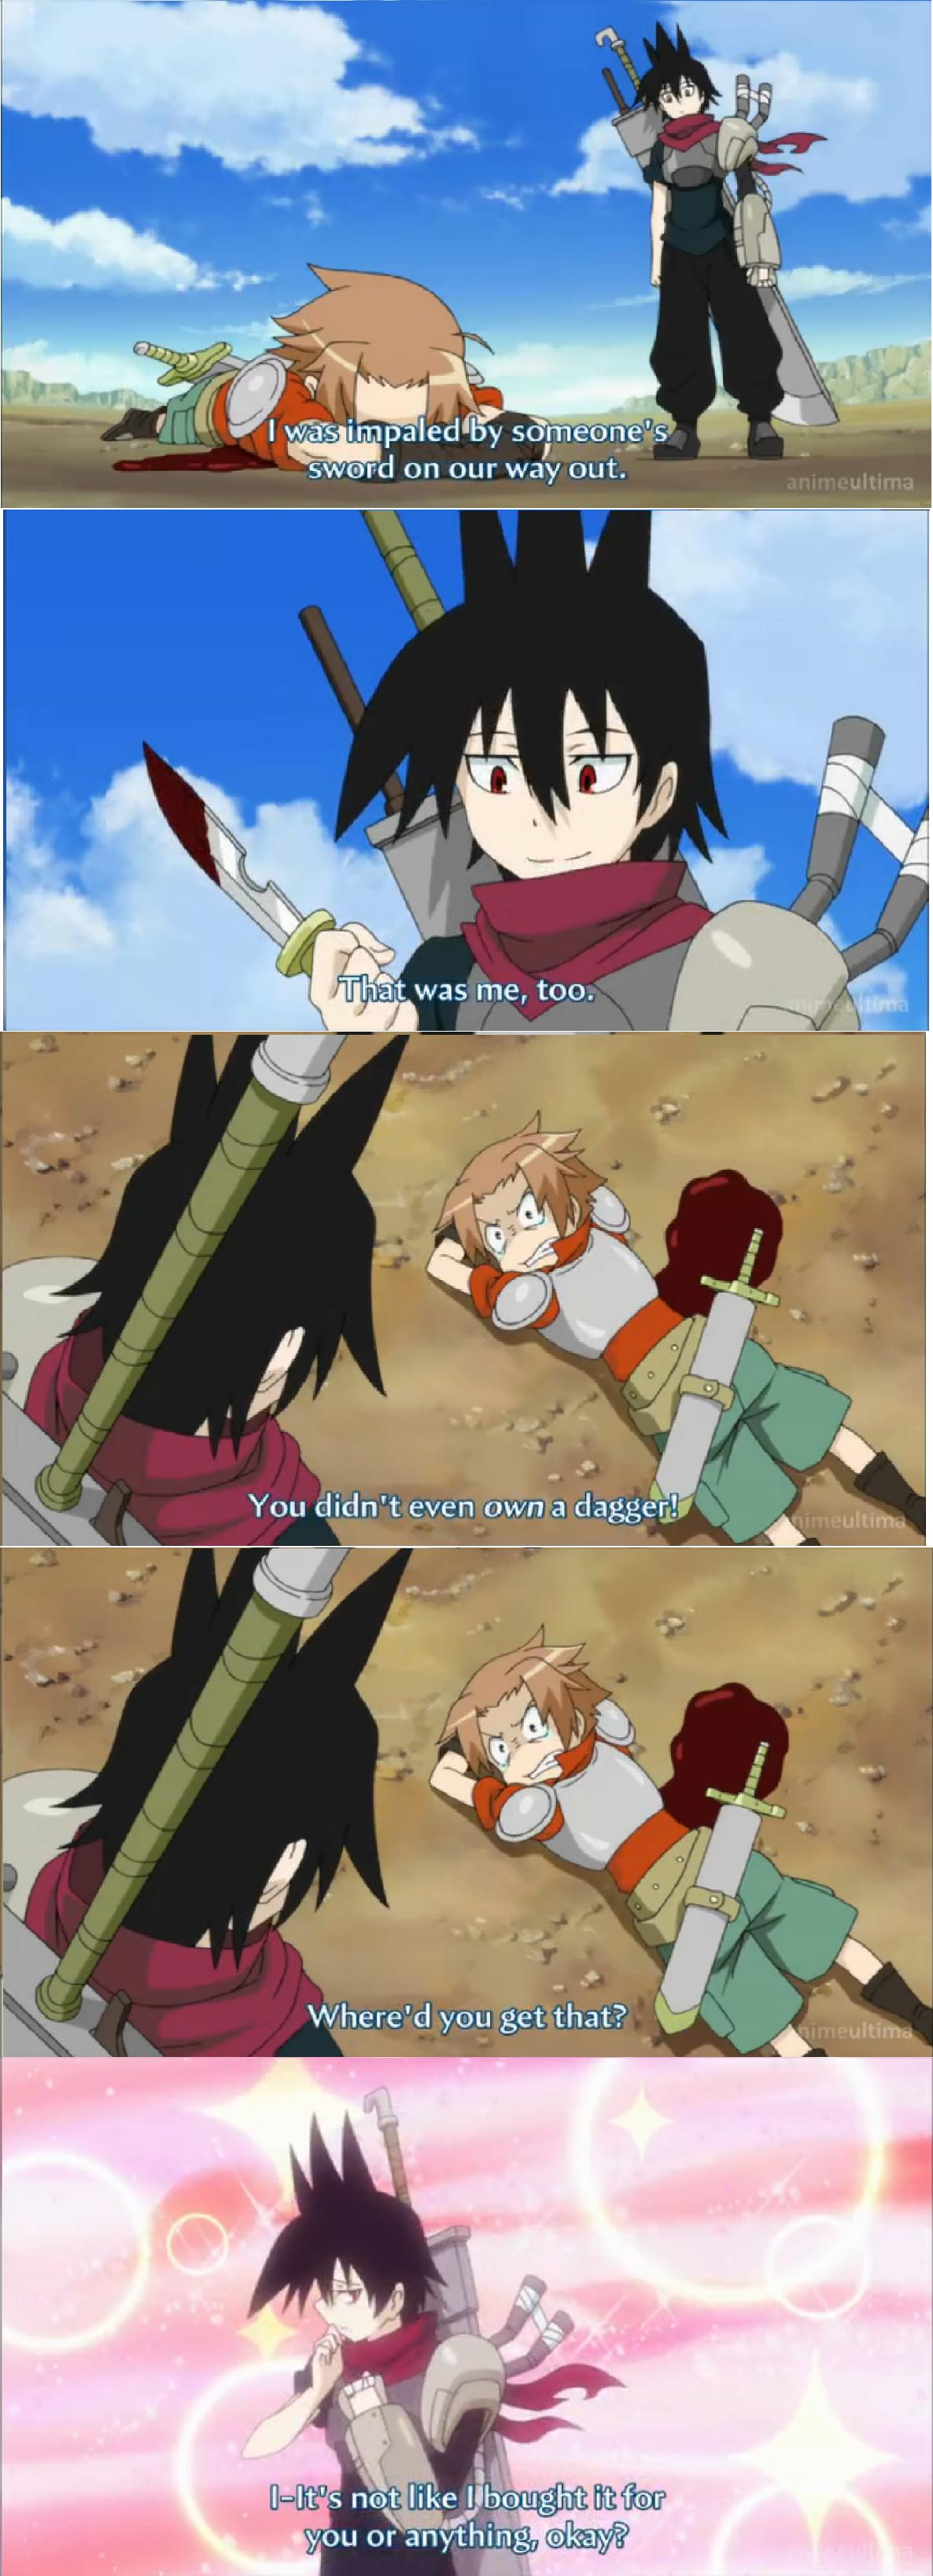 Anime in a nutshell. Senyuu.